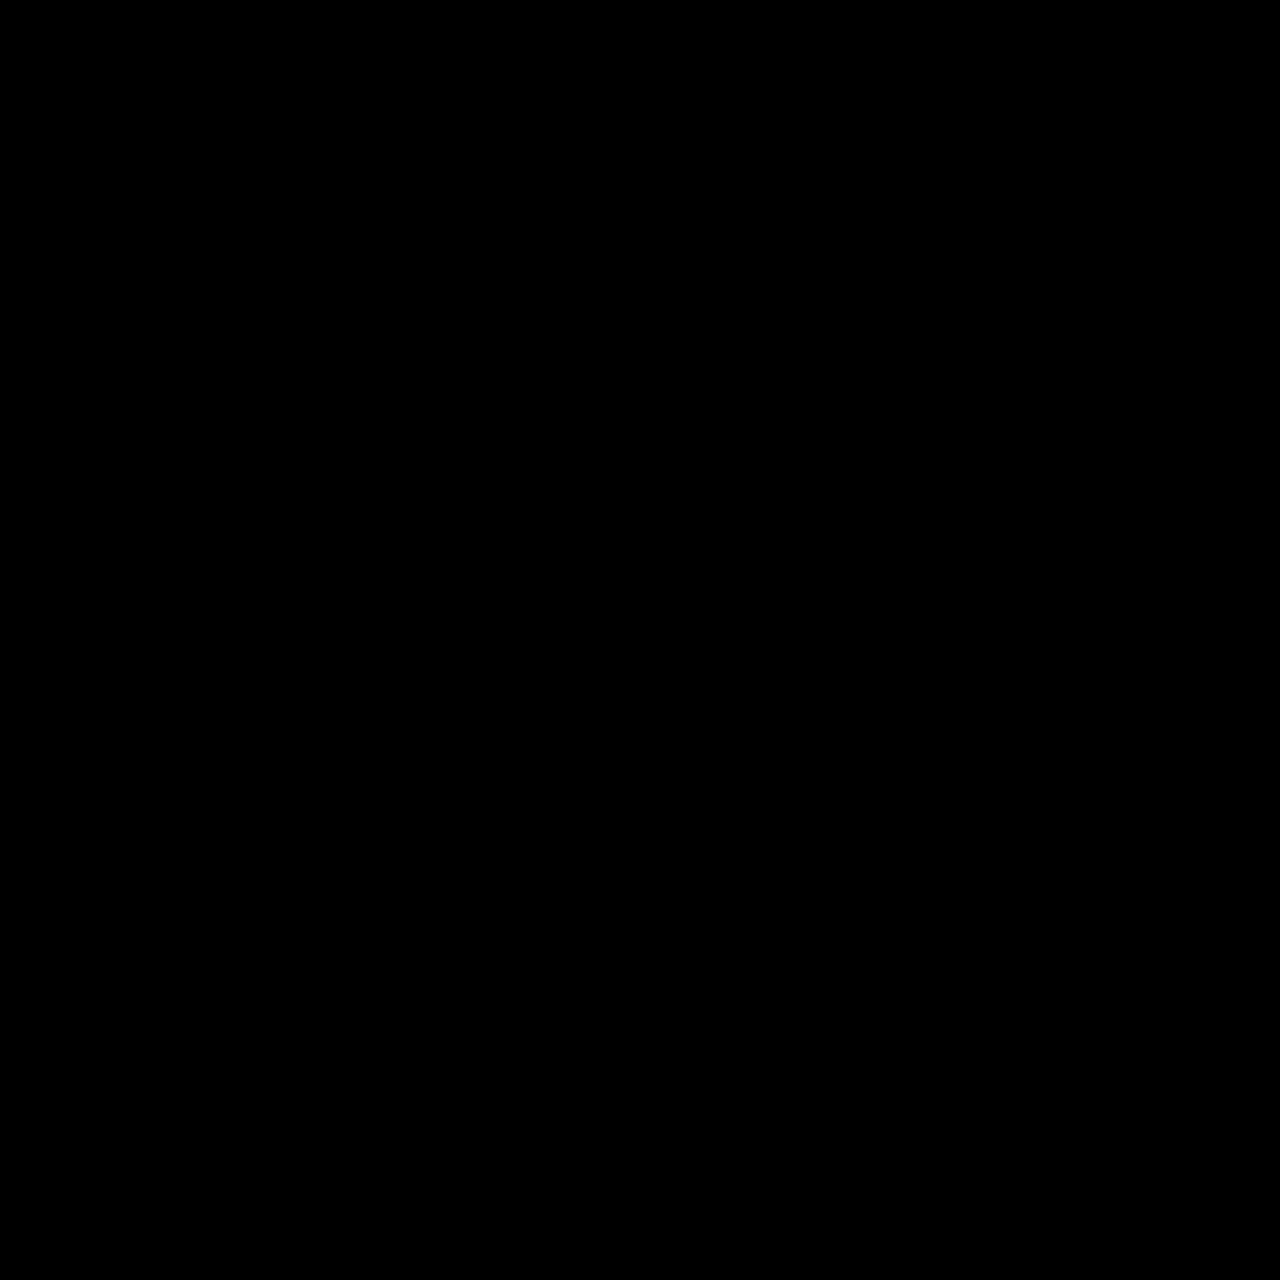 6137c02a-9d5c-434e-97fc-36a8fbc8e385